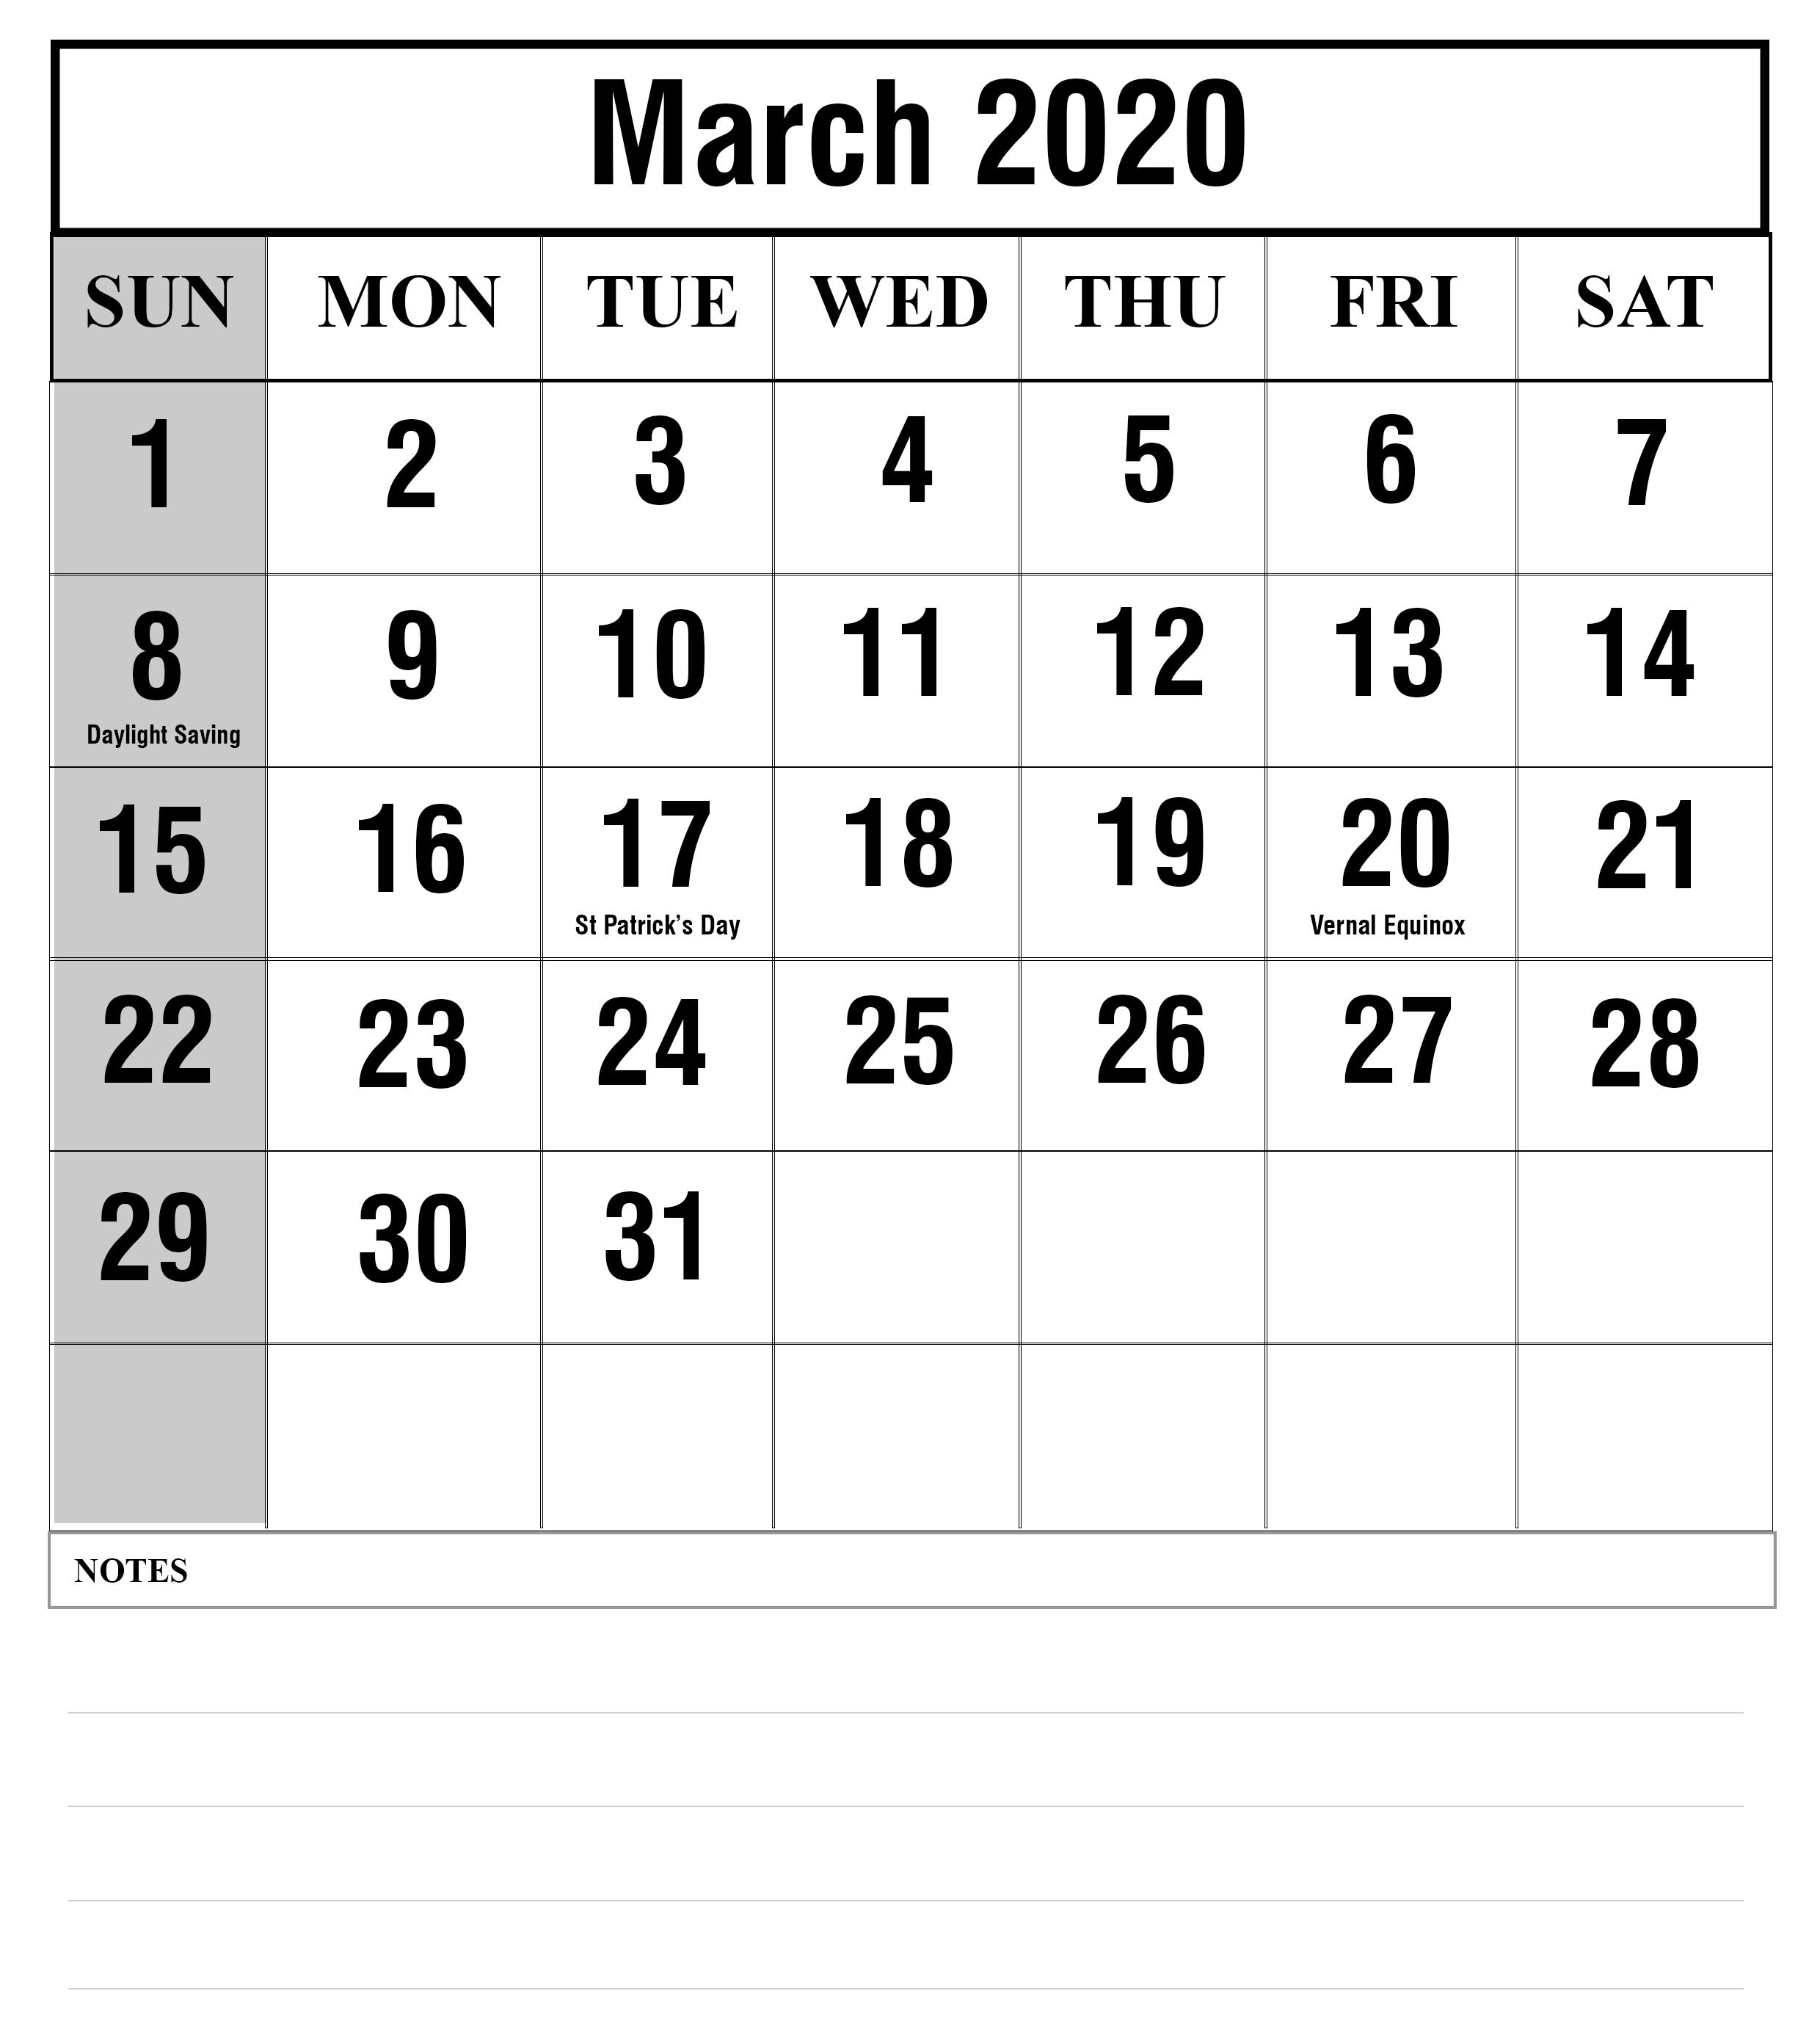 Mar 2020 Holidays Calendar